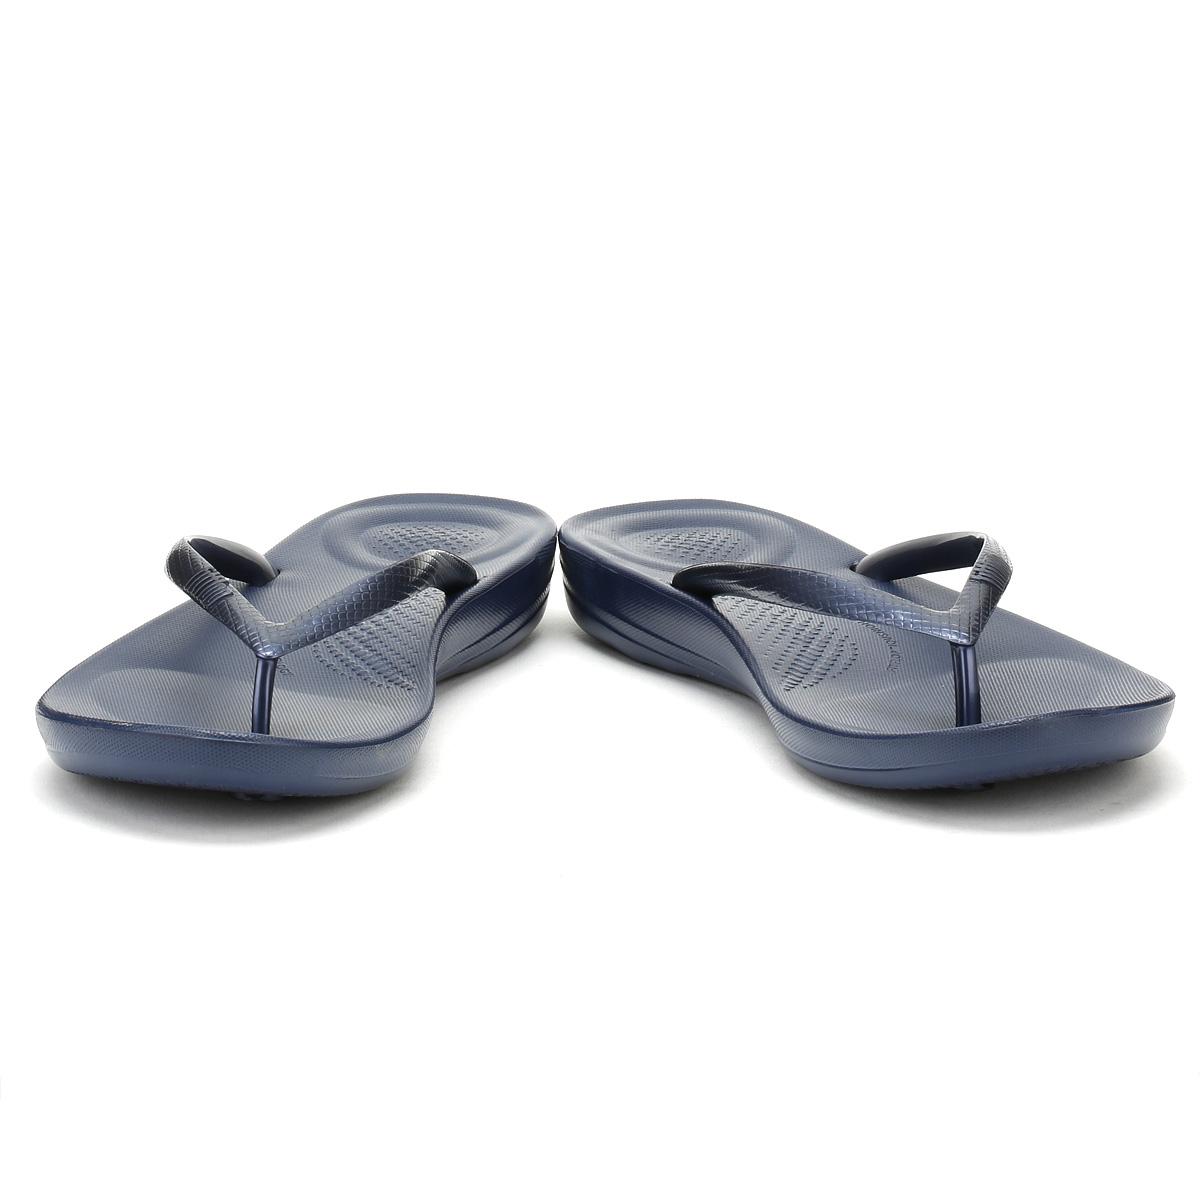 Fitflop-Femme-Sandales-Bleu-Nuit-midnight-navy-iqushion-ergonomique-Tongs-Ete